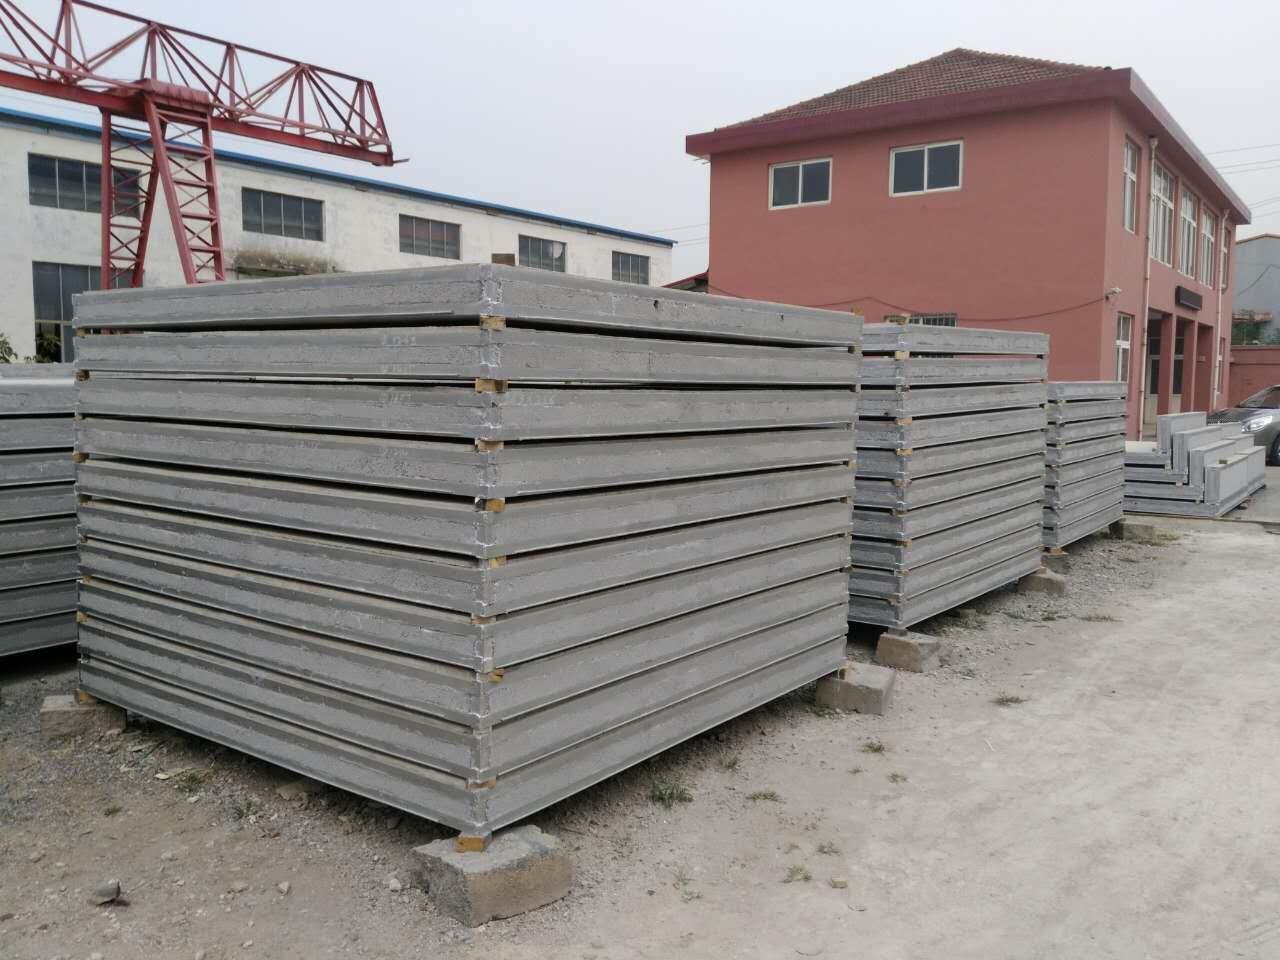 供应钢边框轻型板厂家,钢骨架轻型屋面板质量过硬